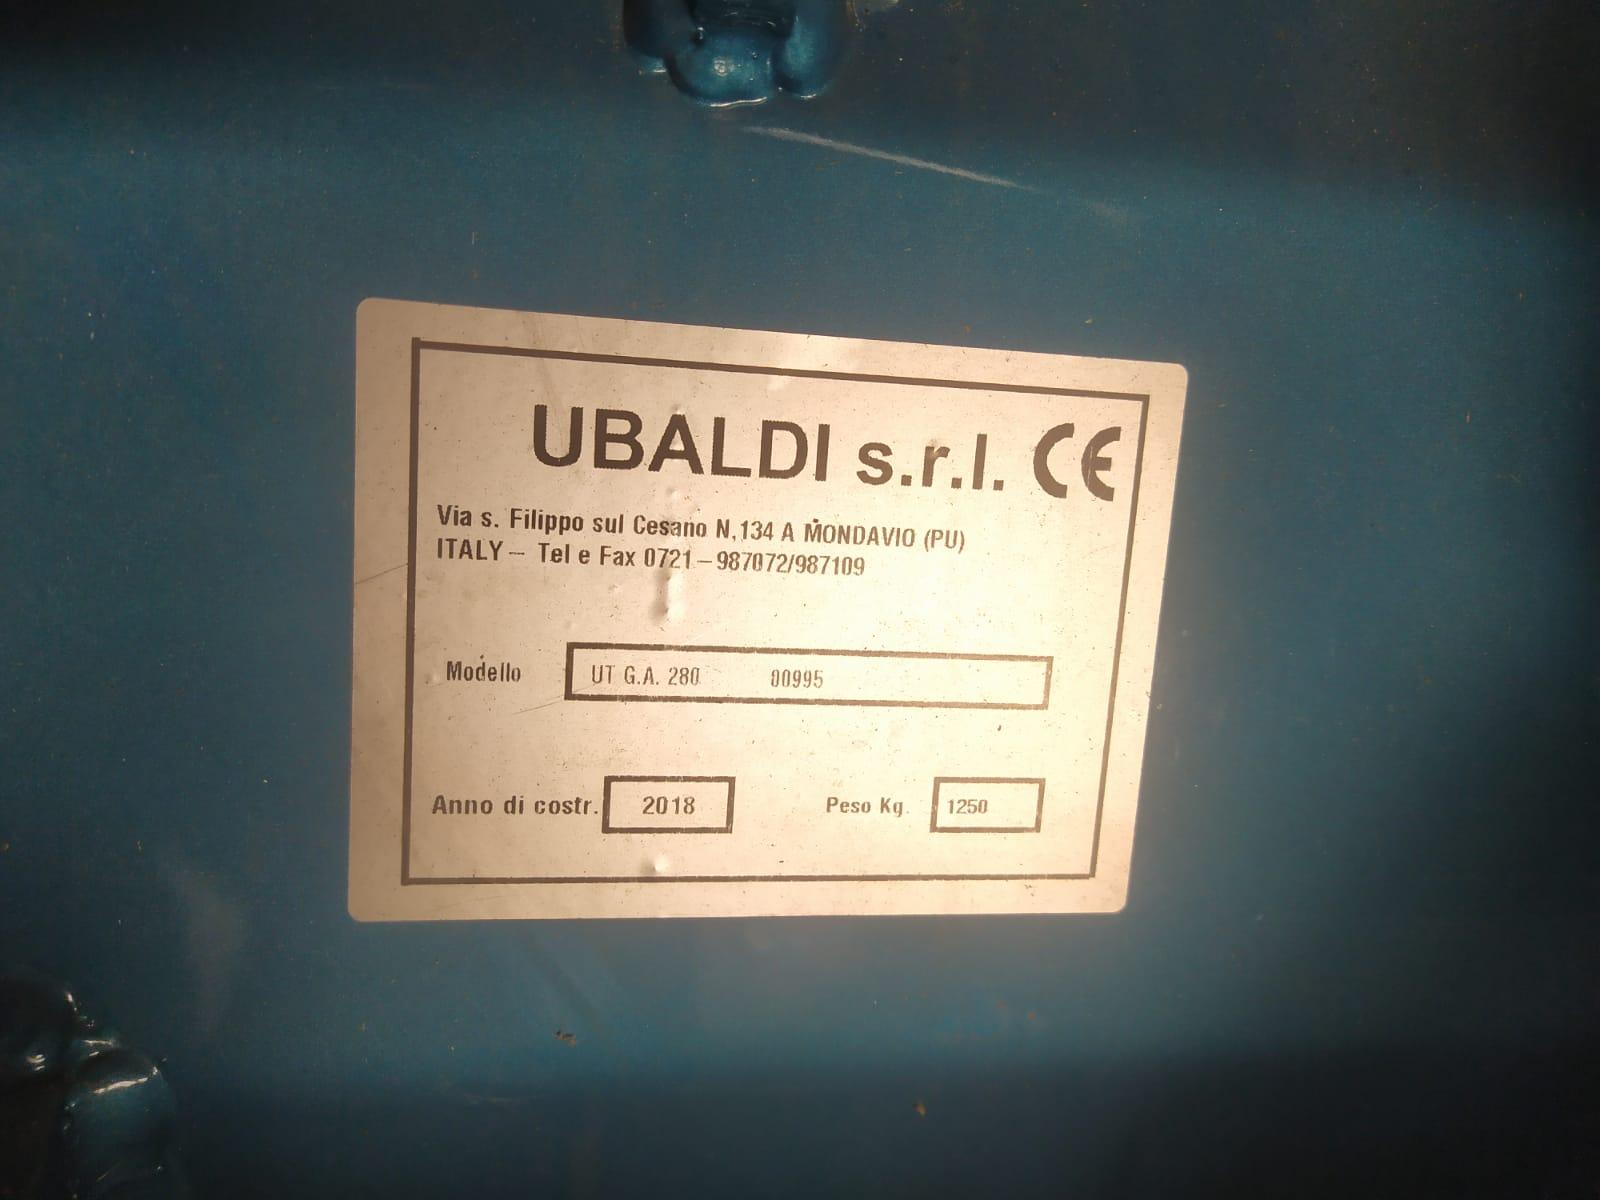 UBALDI UTGA 280